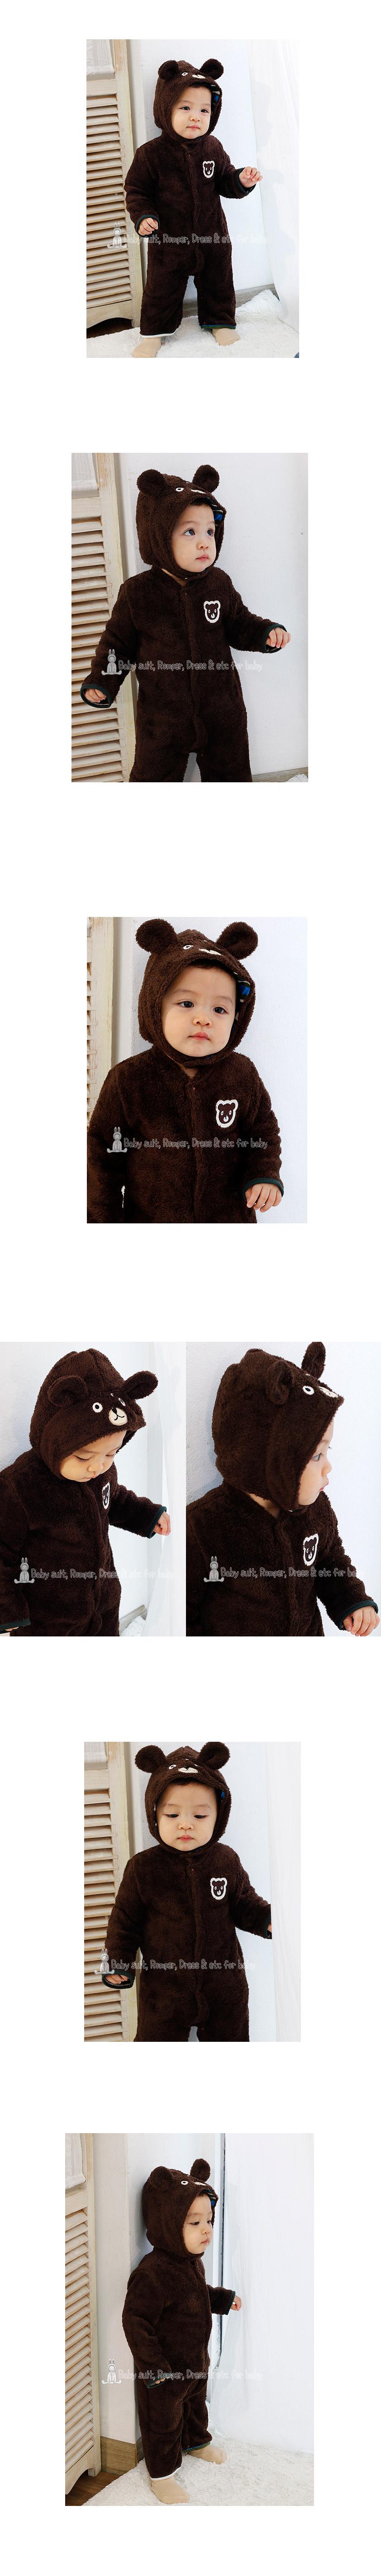 [ BABYMAX ] [ BABYMAX ] 7069 有雾的动物帽 Romper